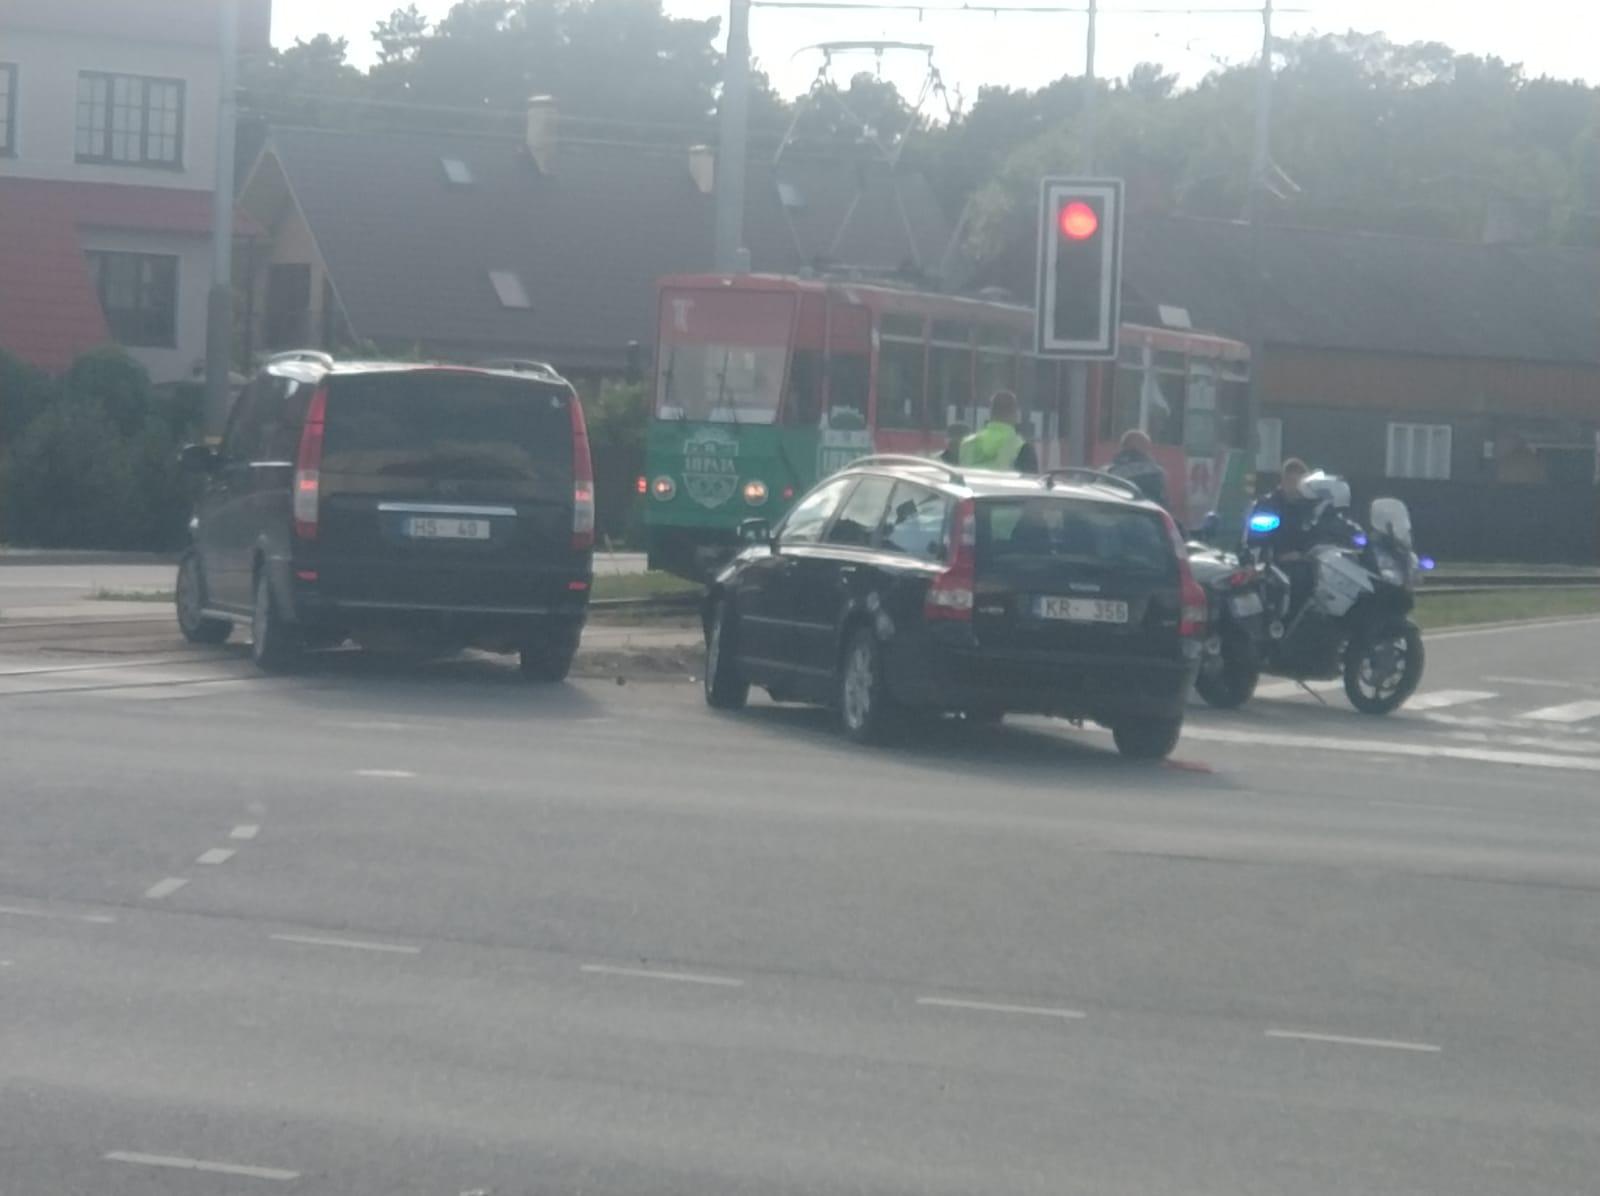 На перекрестке улиц М. Кемпес и Ганибу столкнулись две машины